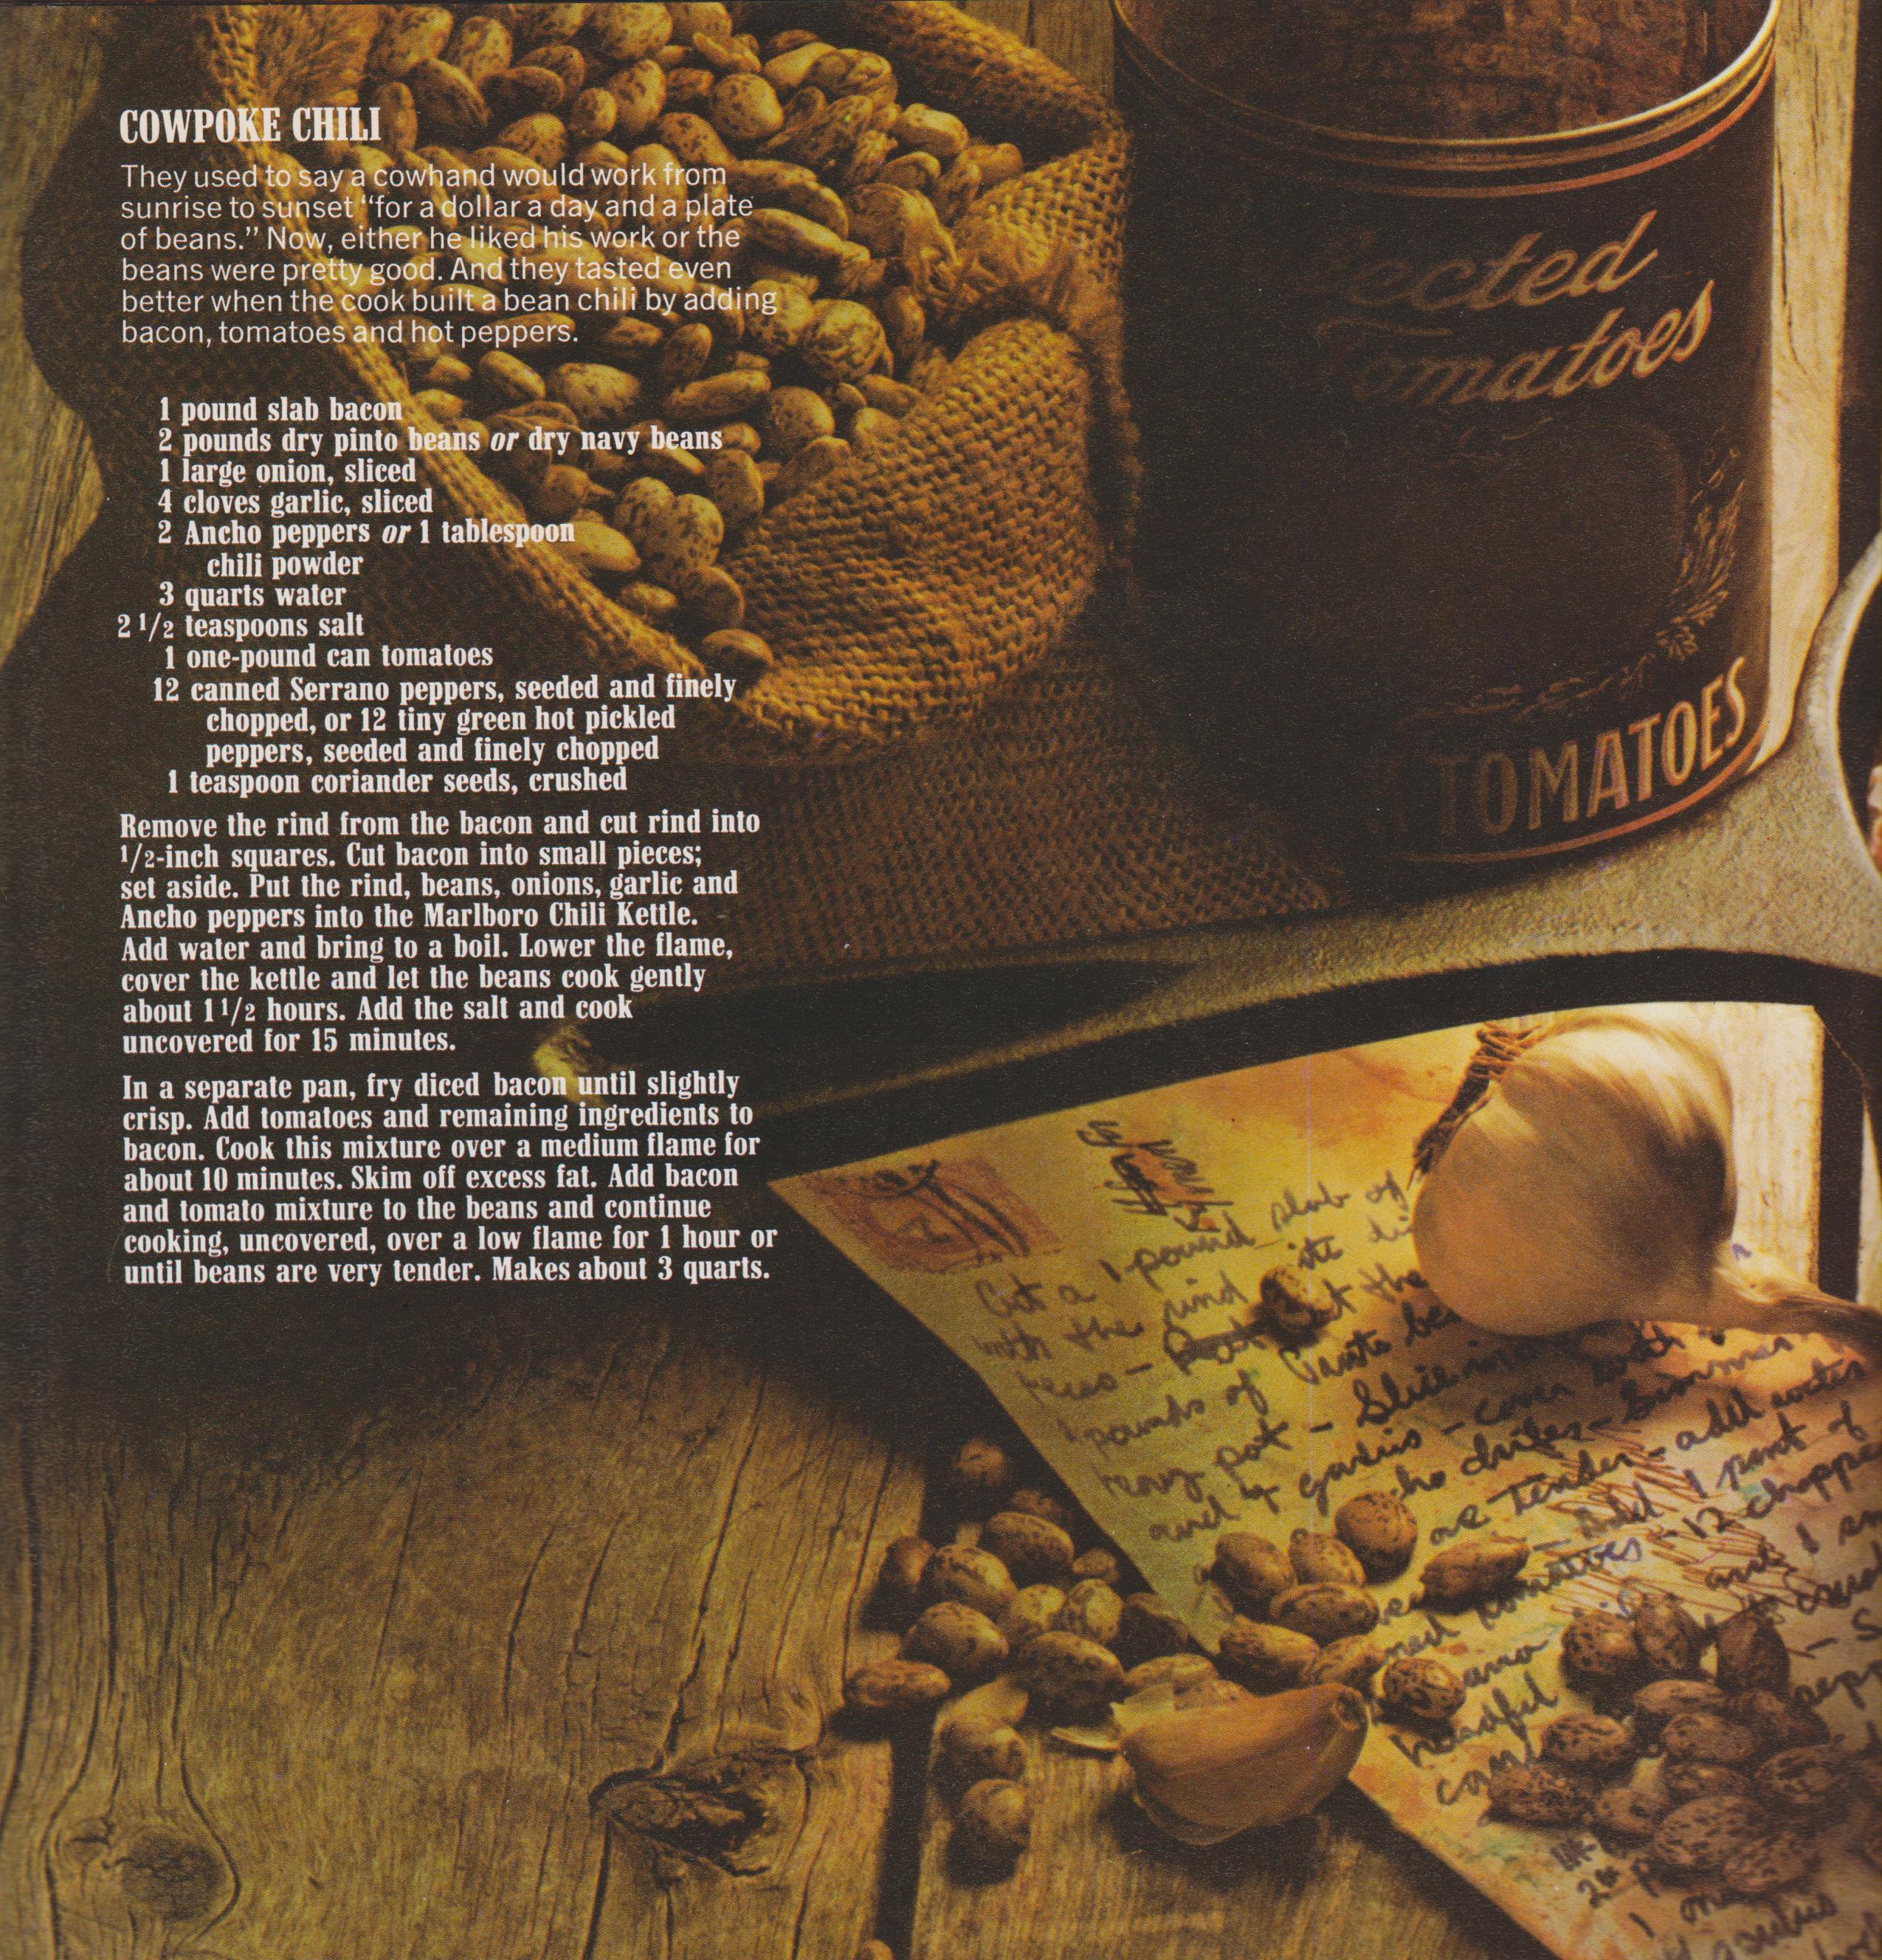 Marlboro Chili Recipe Book